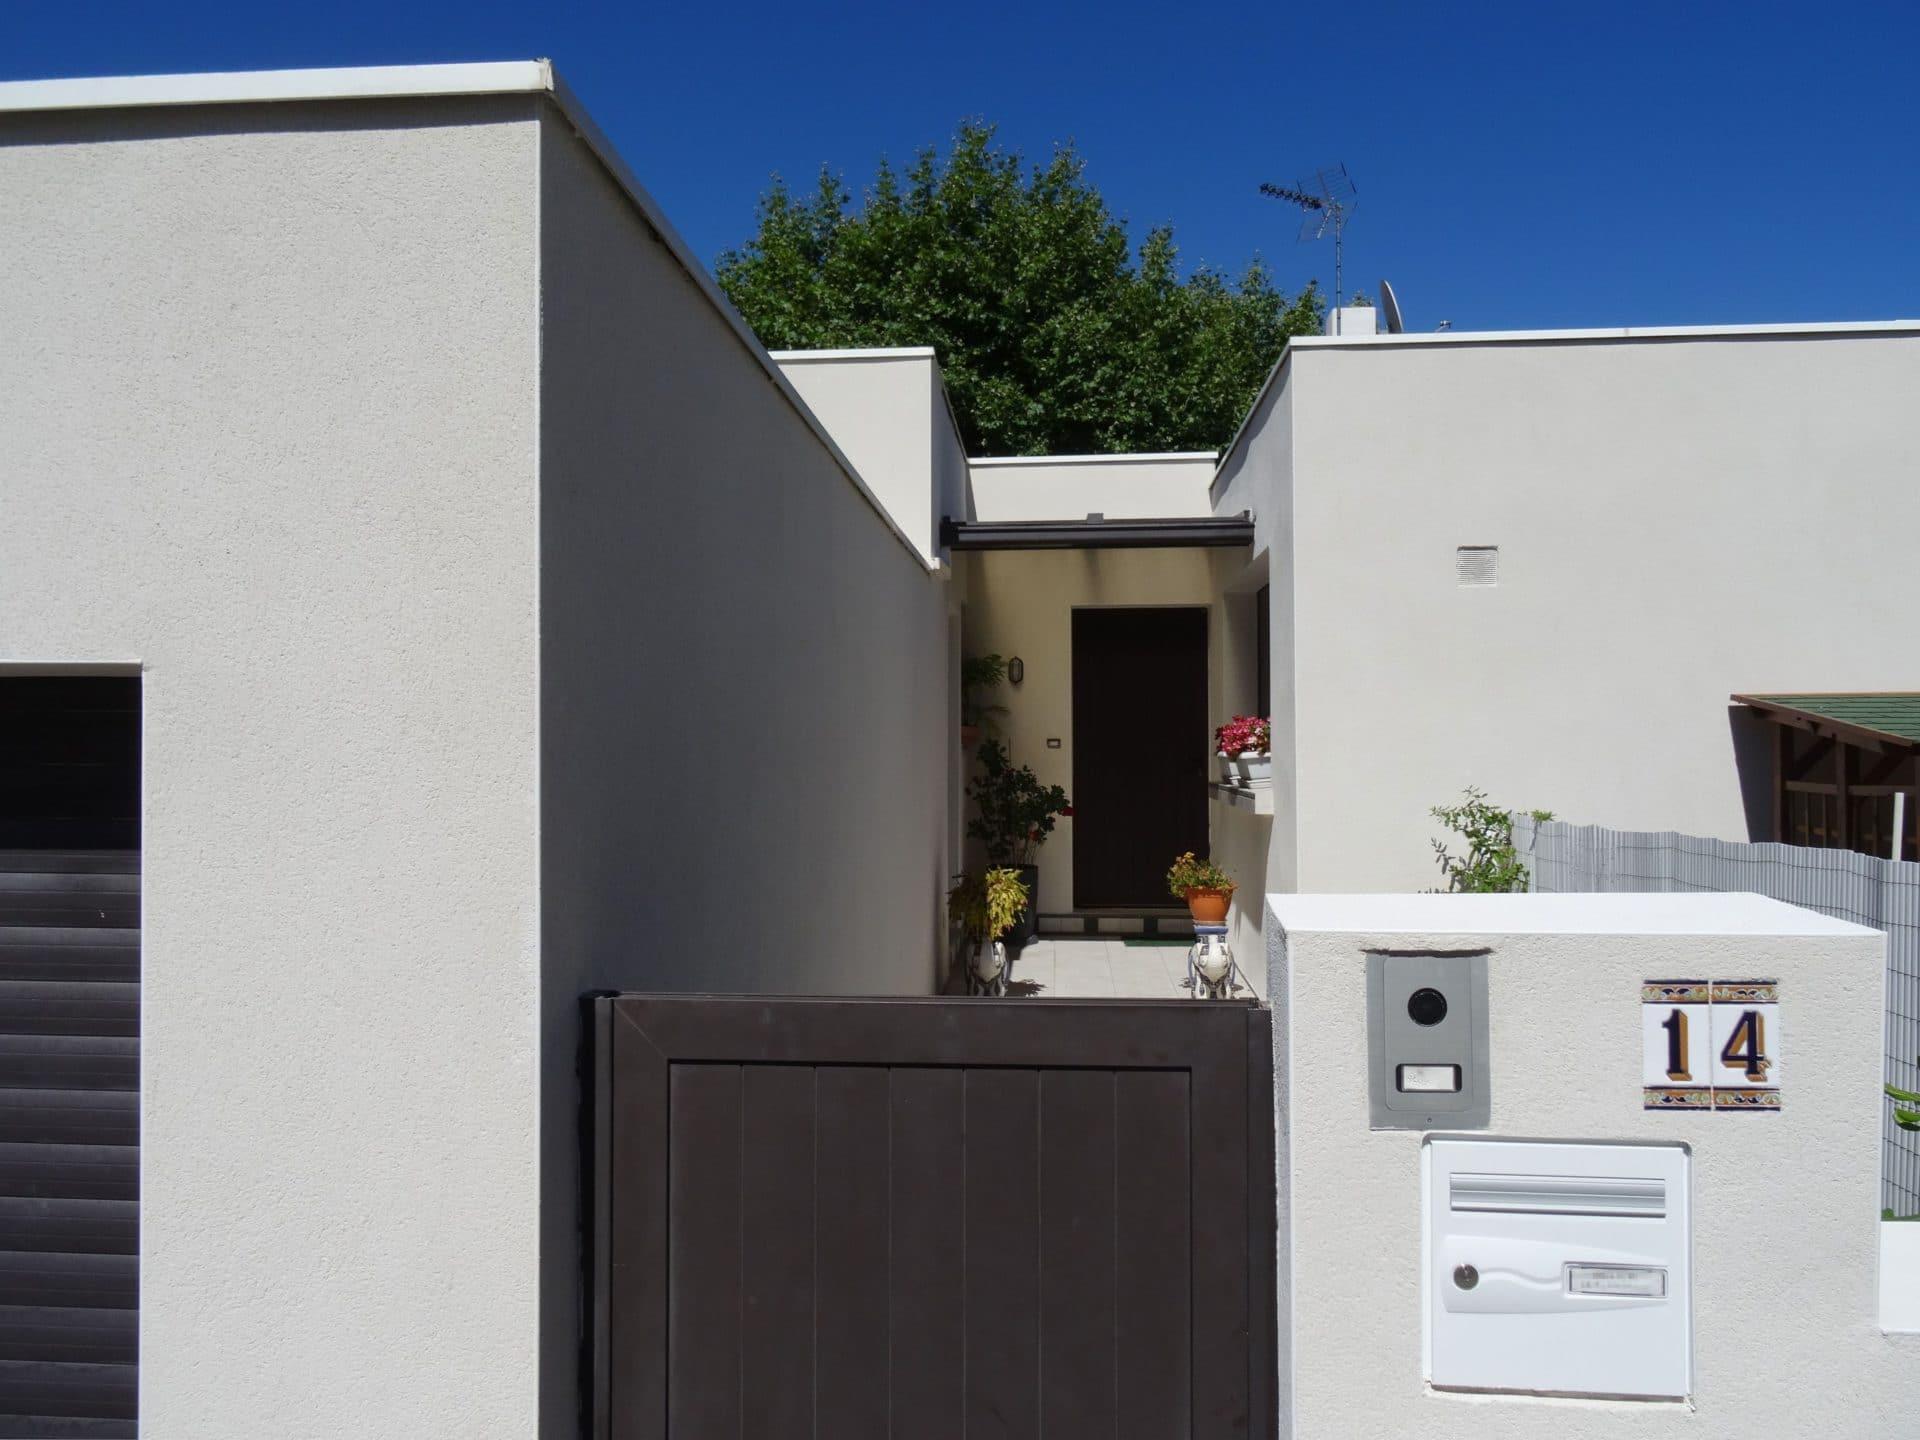 Ravalement de fa ade maison r novation avec enduit ou cr pis illico - Renover facade de maison ...